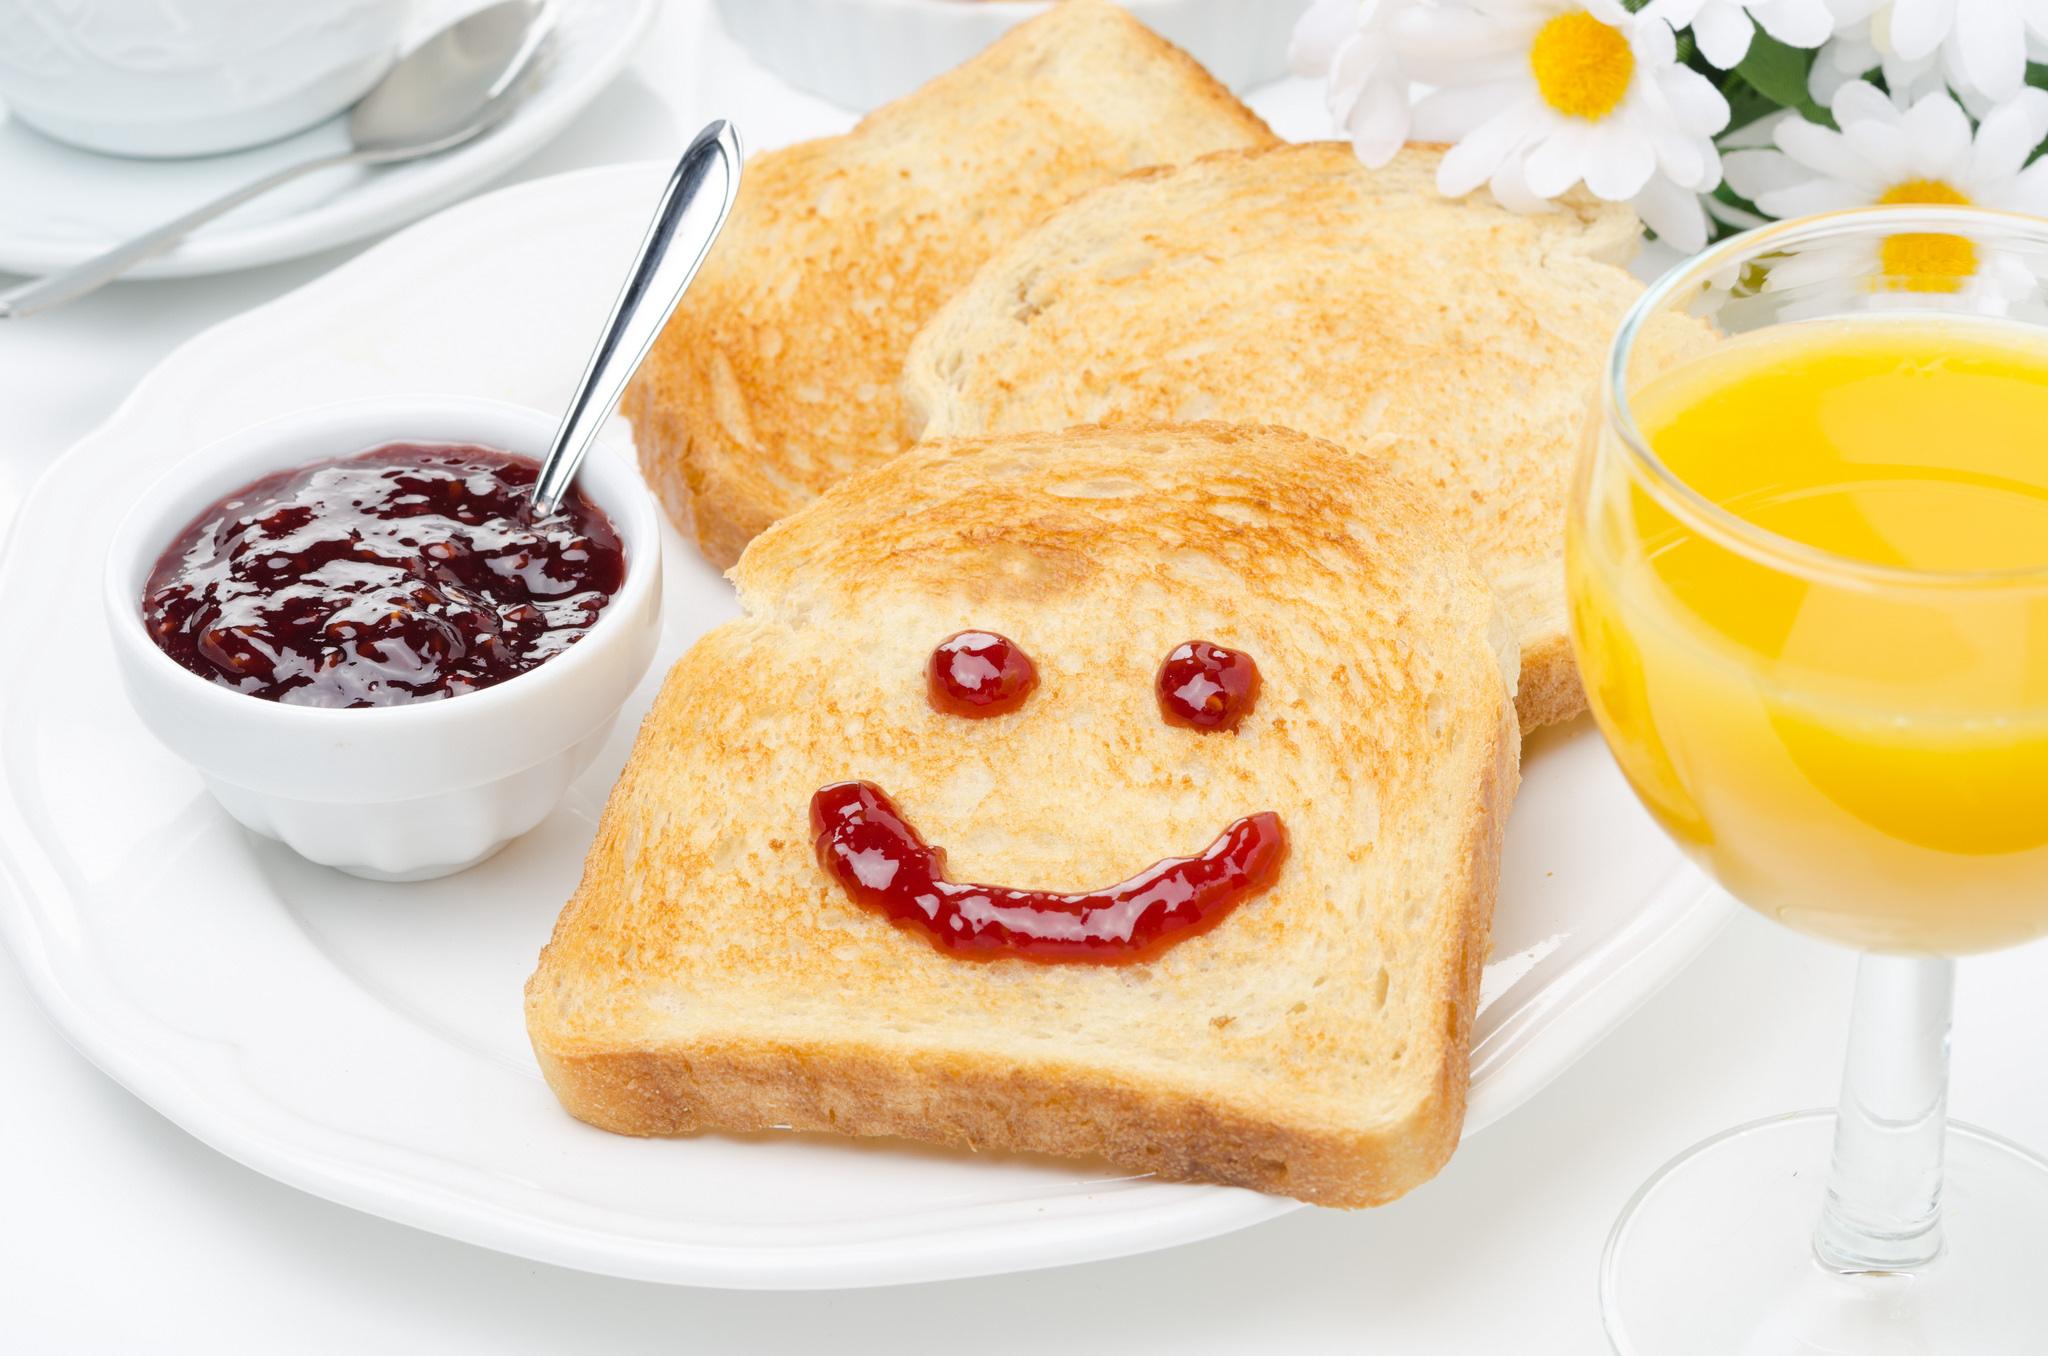 незначительное повреждение картинка с тостующим так стоит больших